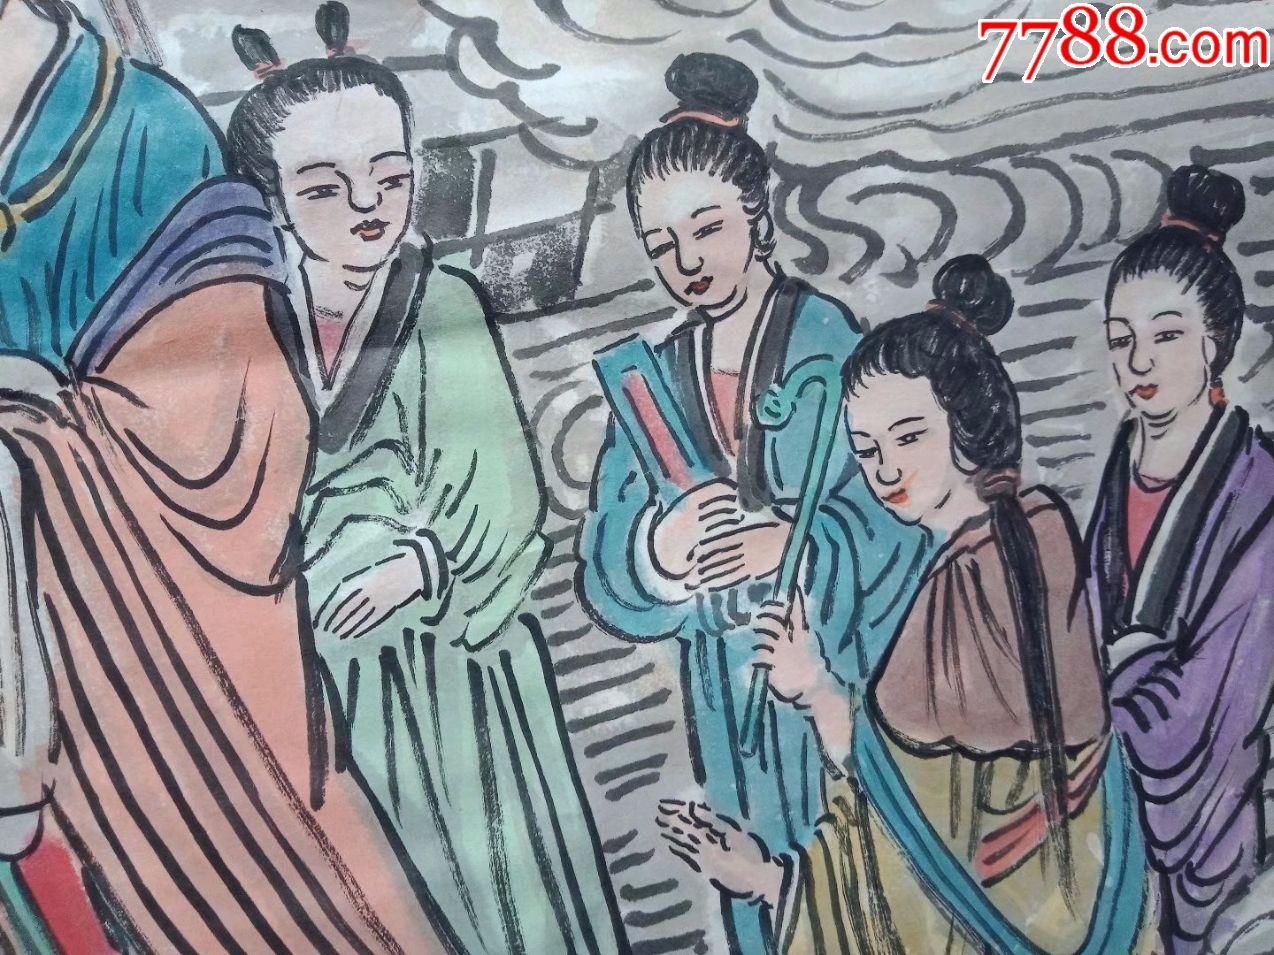 保证纯手工绘画妈祖受封图,四尺中堂人物画国画神仙画妈祖故事像_价格